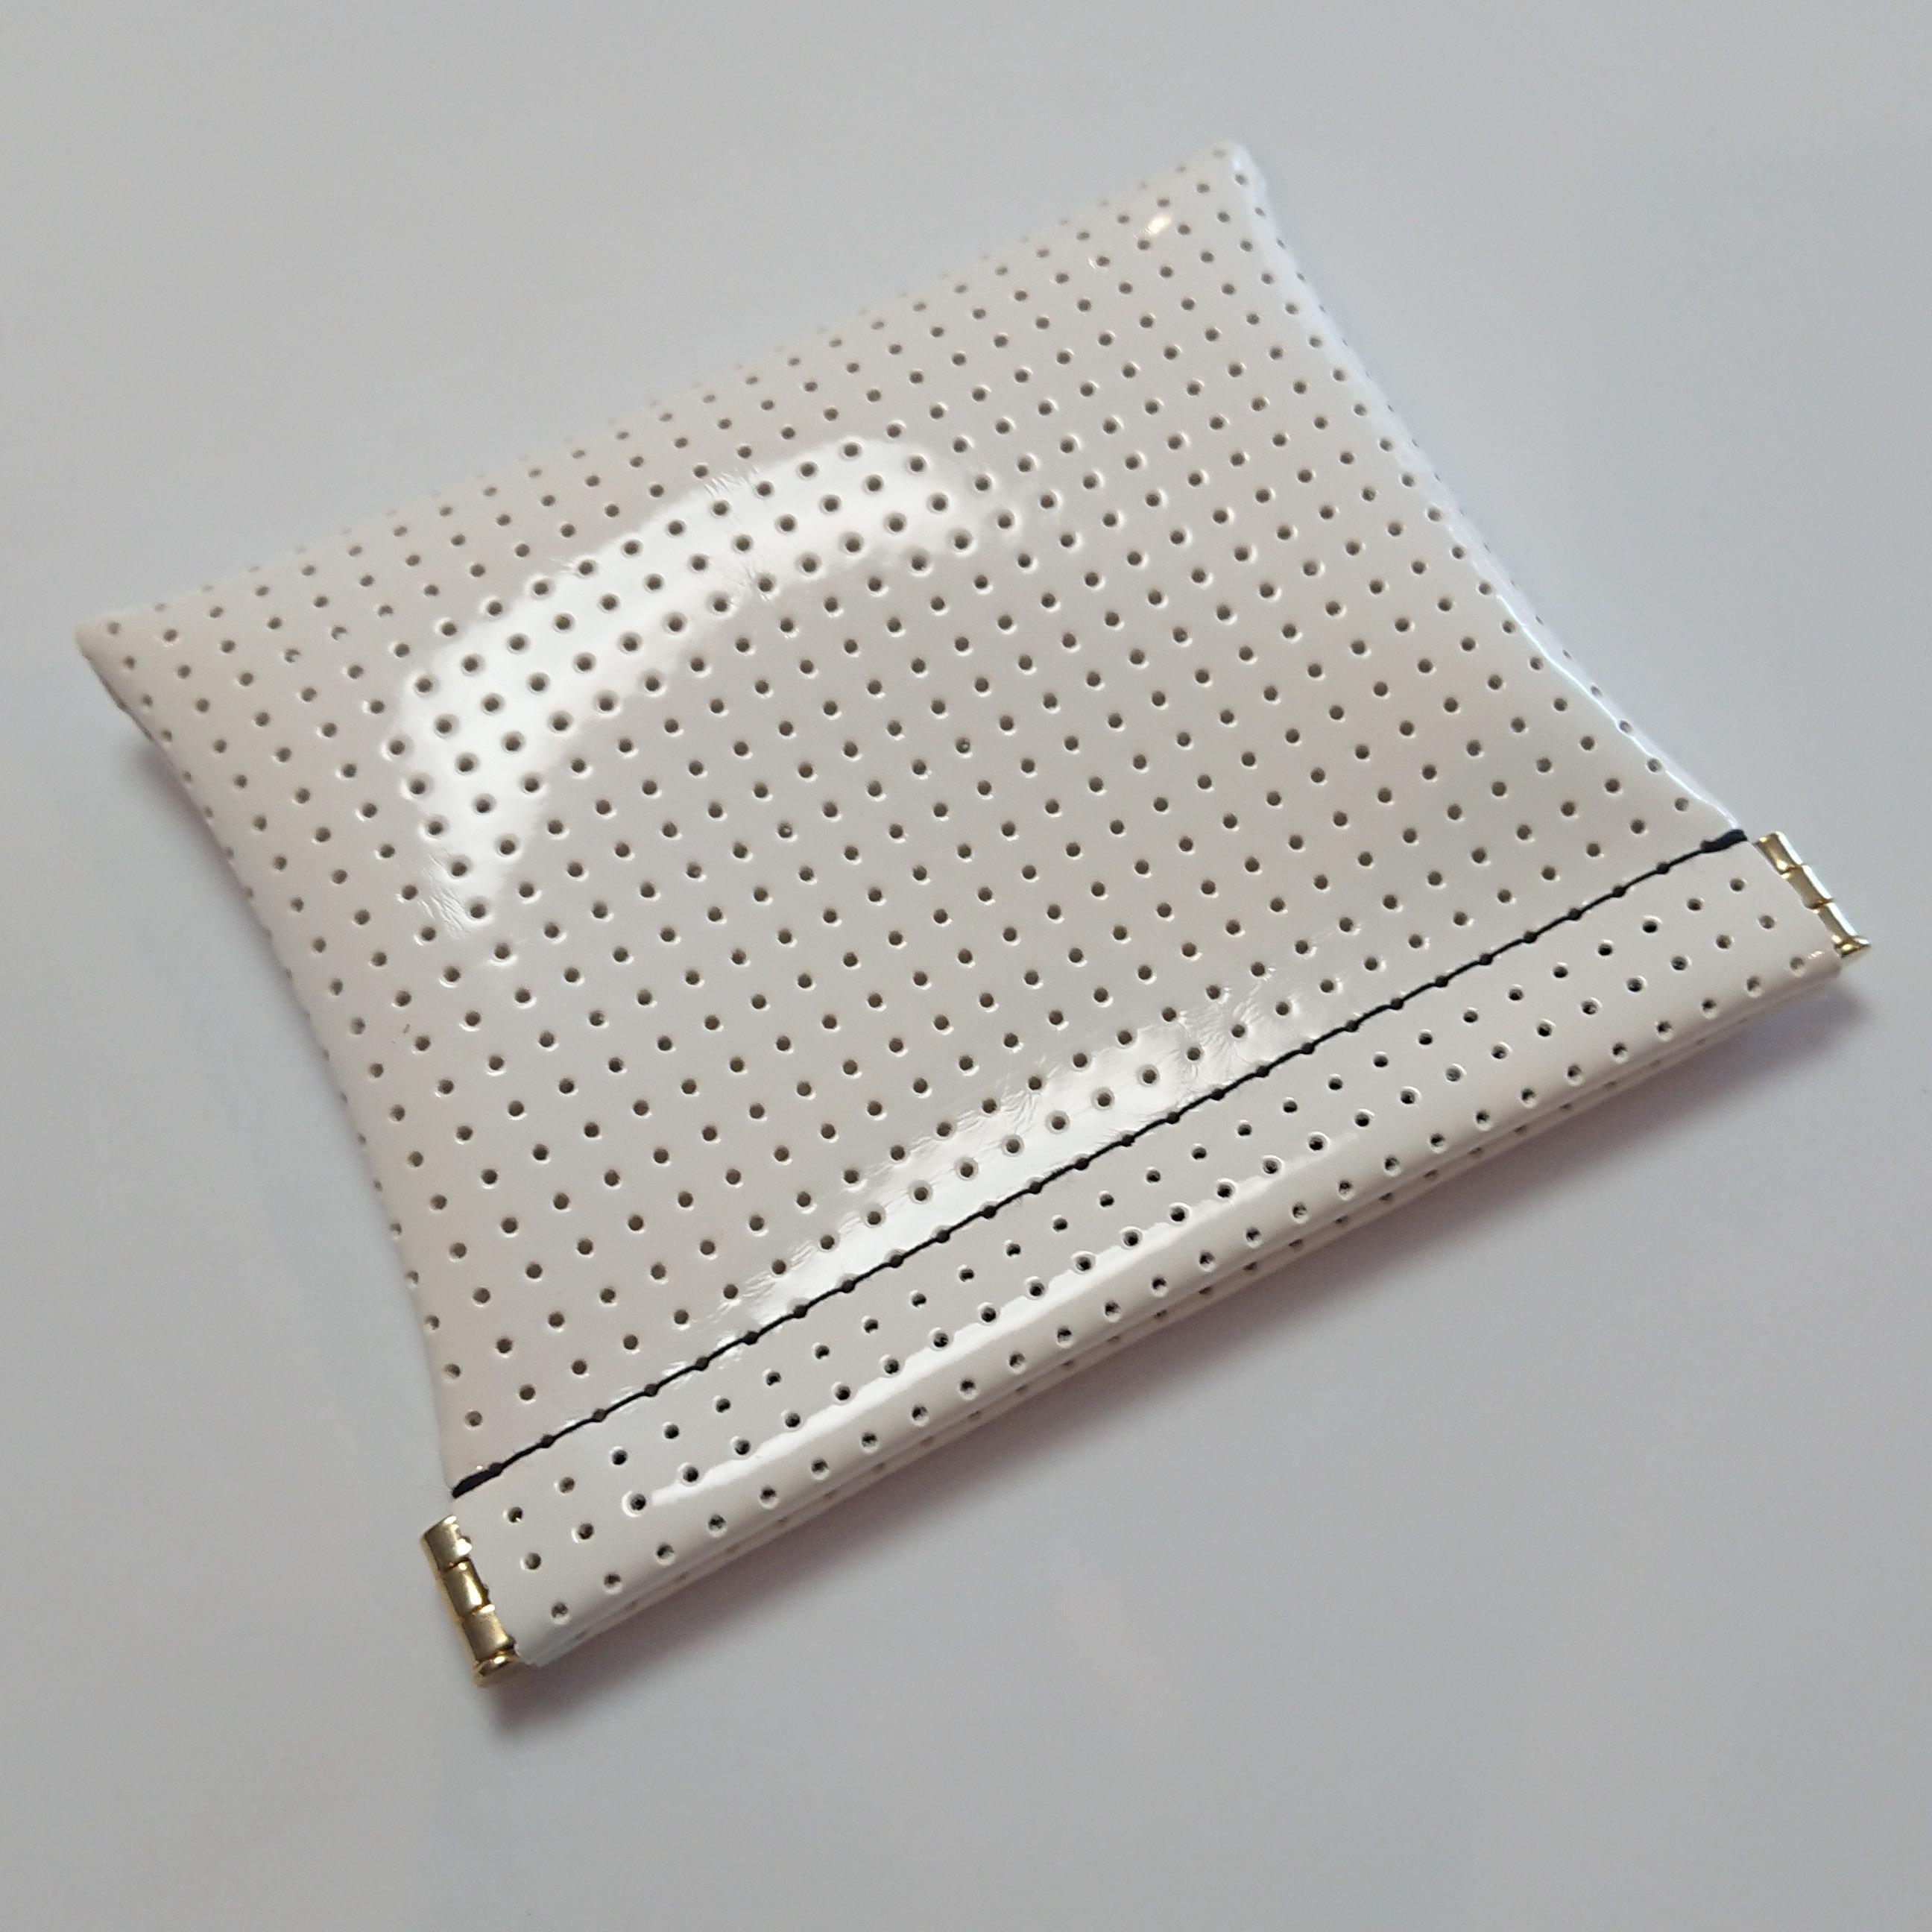 OSORO ポーチ ☆ ミルク(黒ステッチ) カードケース 財布 イヤホンケース ゴルフティーケース ピルケース